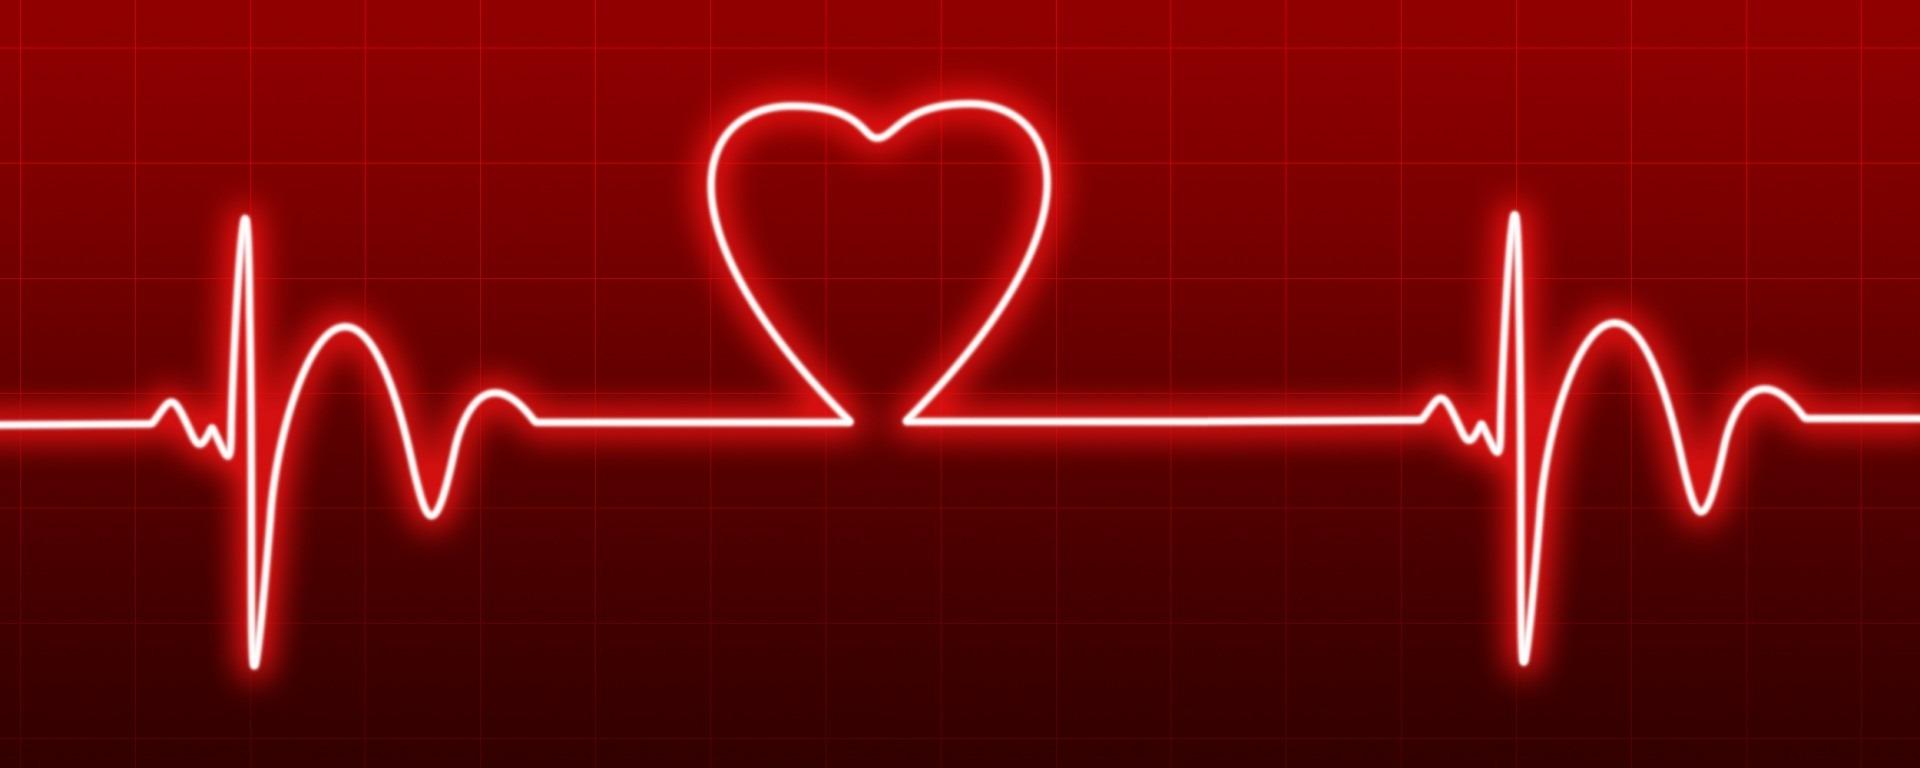 Serce uderza w ciągu całego życia ponad 3,5 miliarda razy